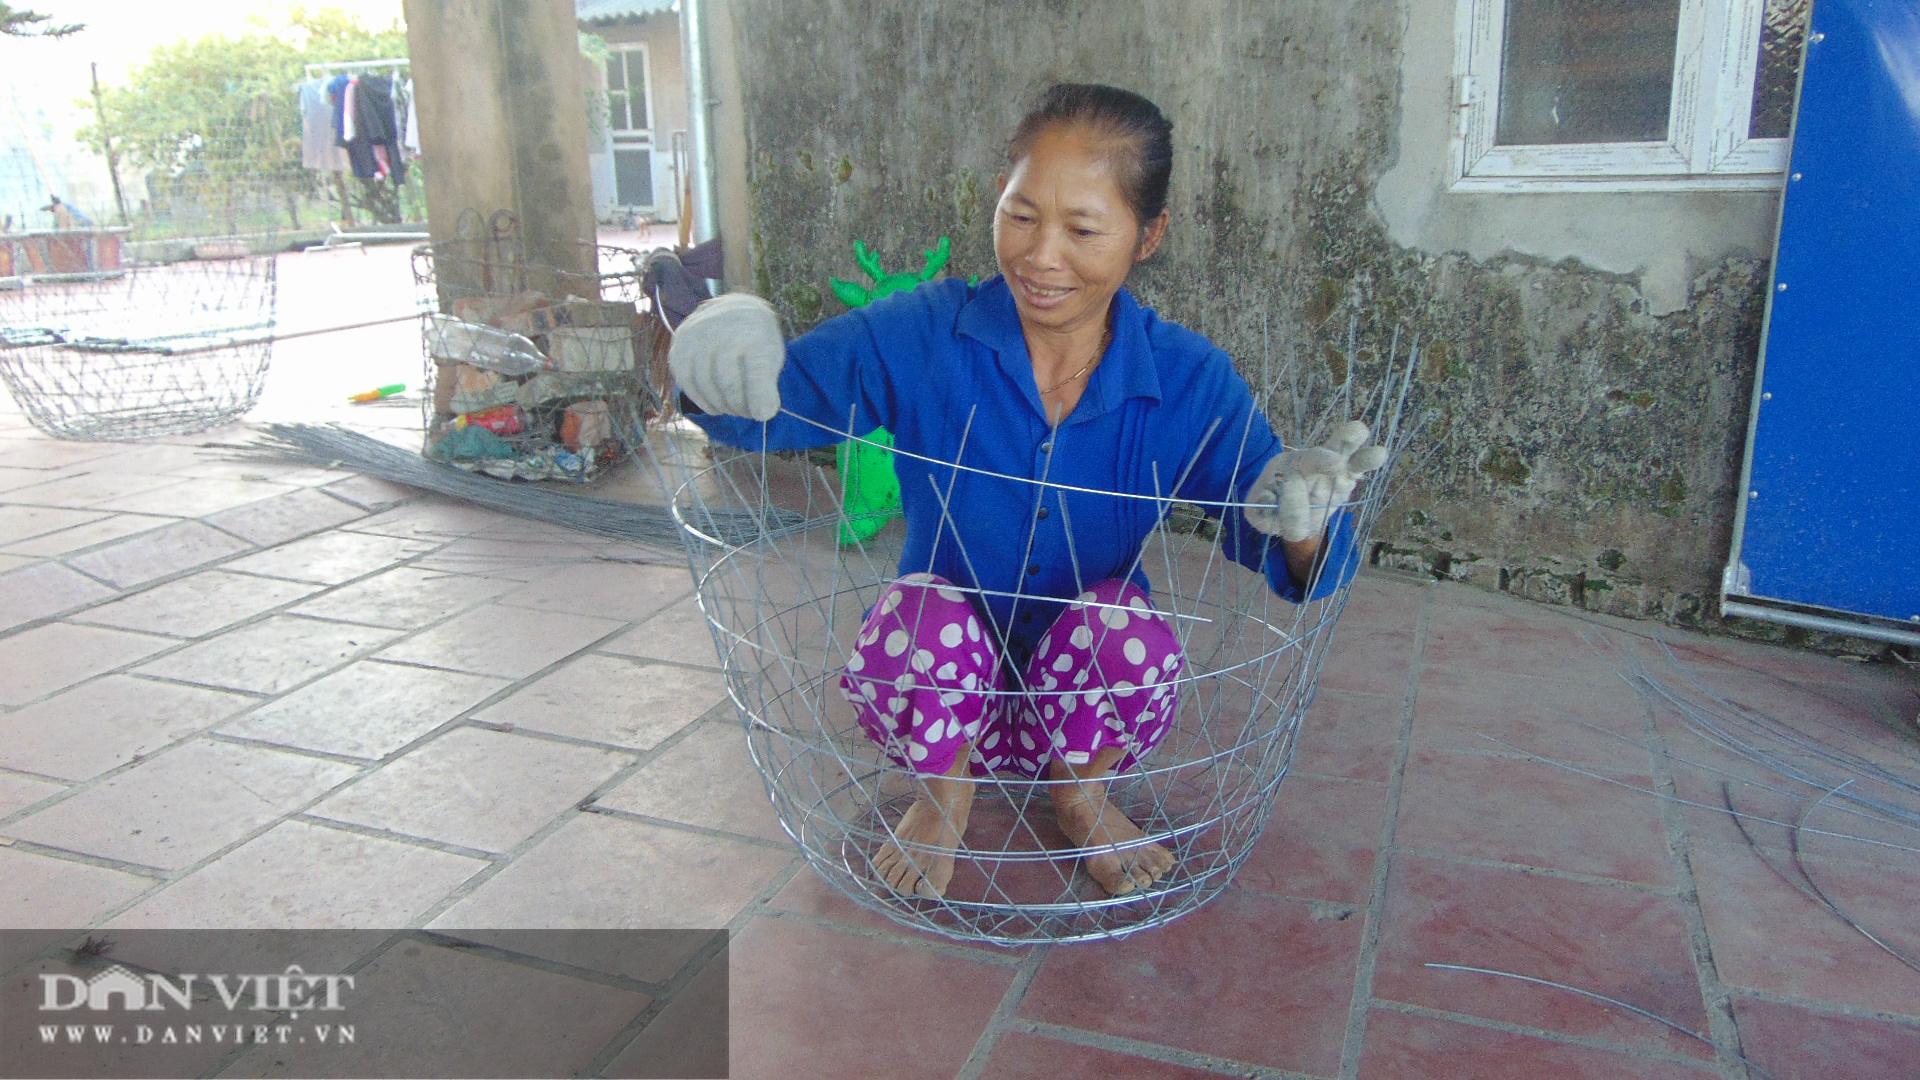 Vợ chồng ông nông dân Thái Nguyên kiếm trên 10 triệu đồng mỗi tháng từ nghề phụ này  - Ảnh 2.